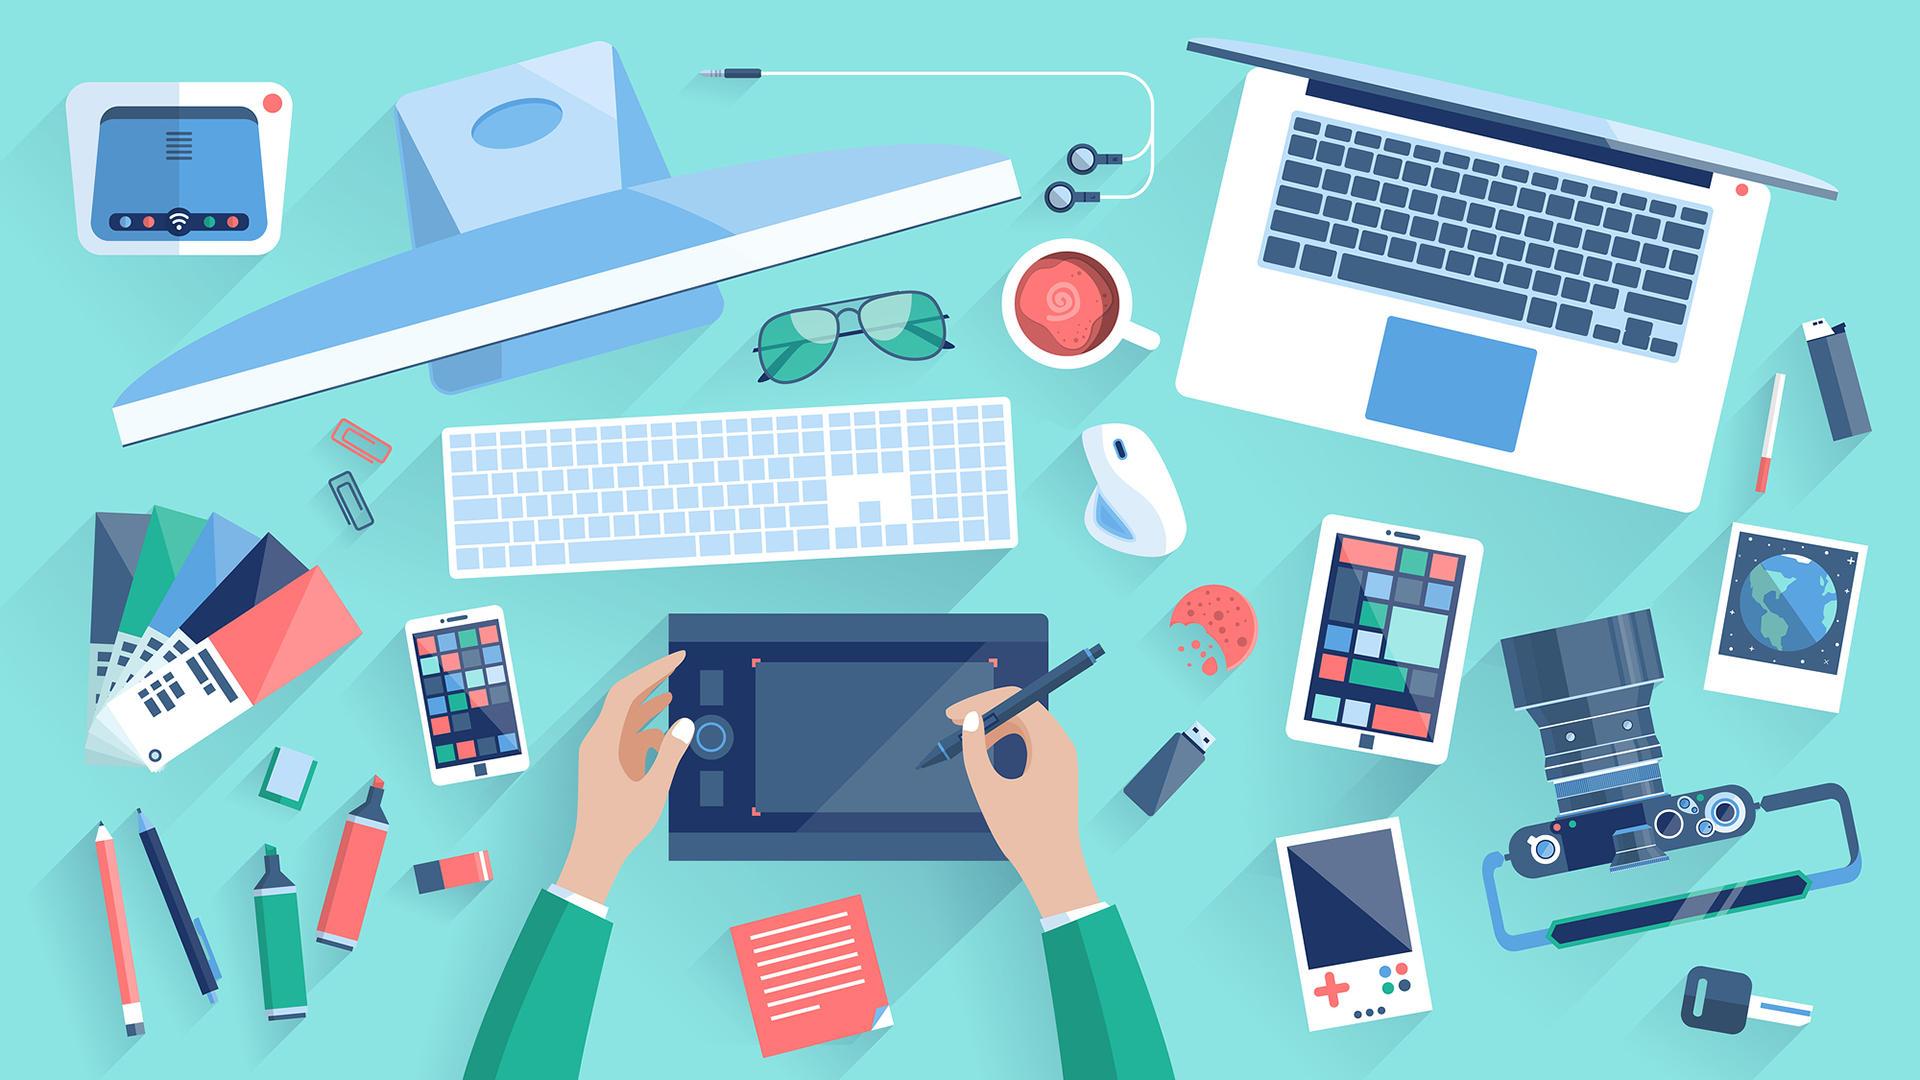 tendencias en diseño gráfico, diseño gráfico 2017